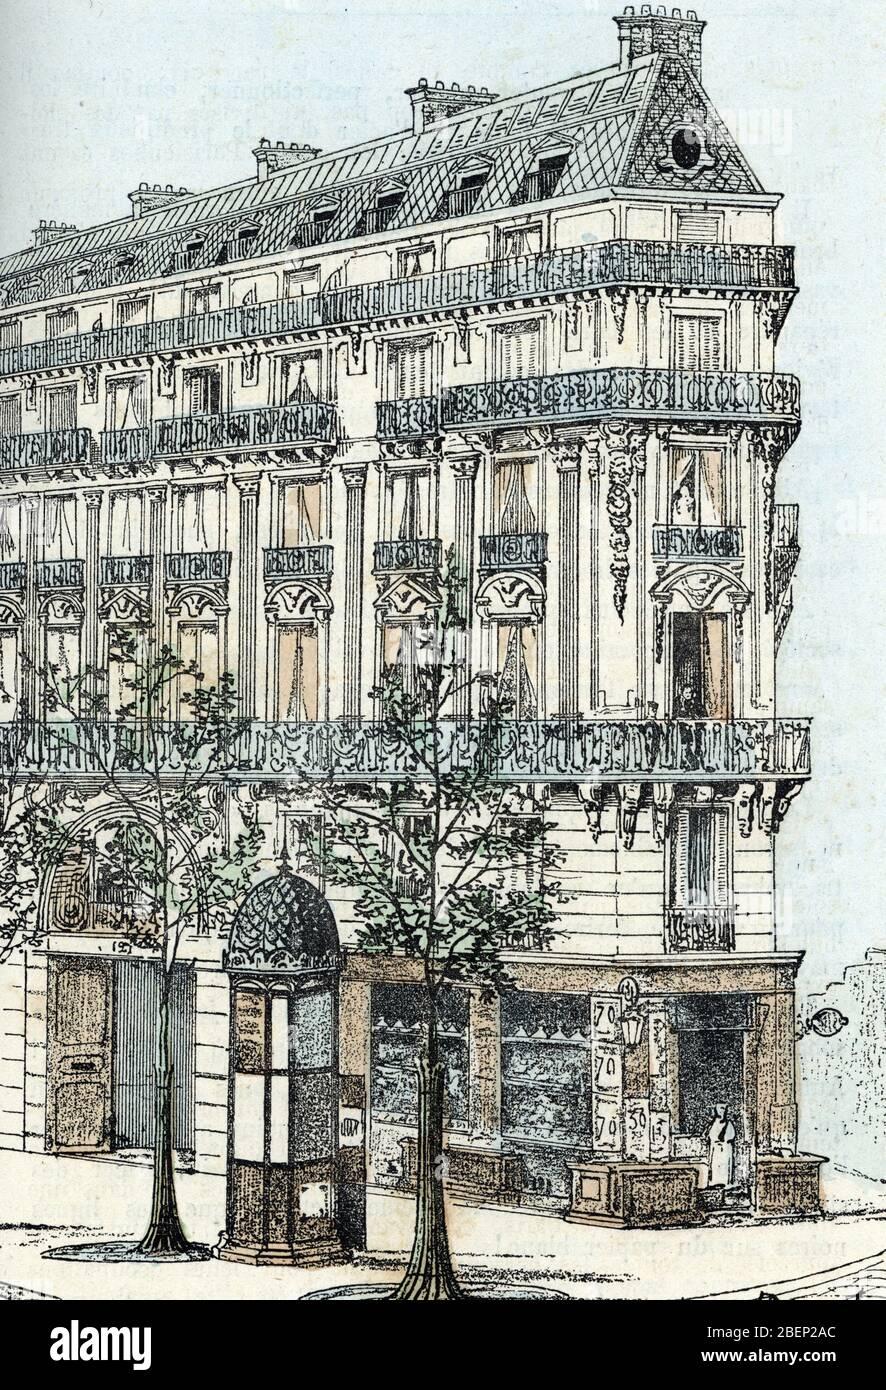 Vue d'une habitation parisienne de type haussmannien, immeuble cossu (immeuble Haussmann à Paris) Gravure tiree de 'les bésoins de la vie' de Rengade Banque D'Images